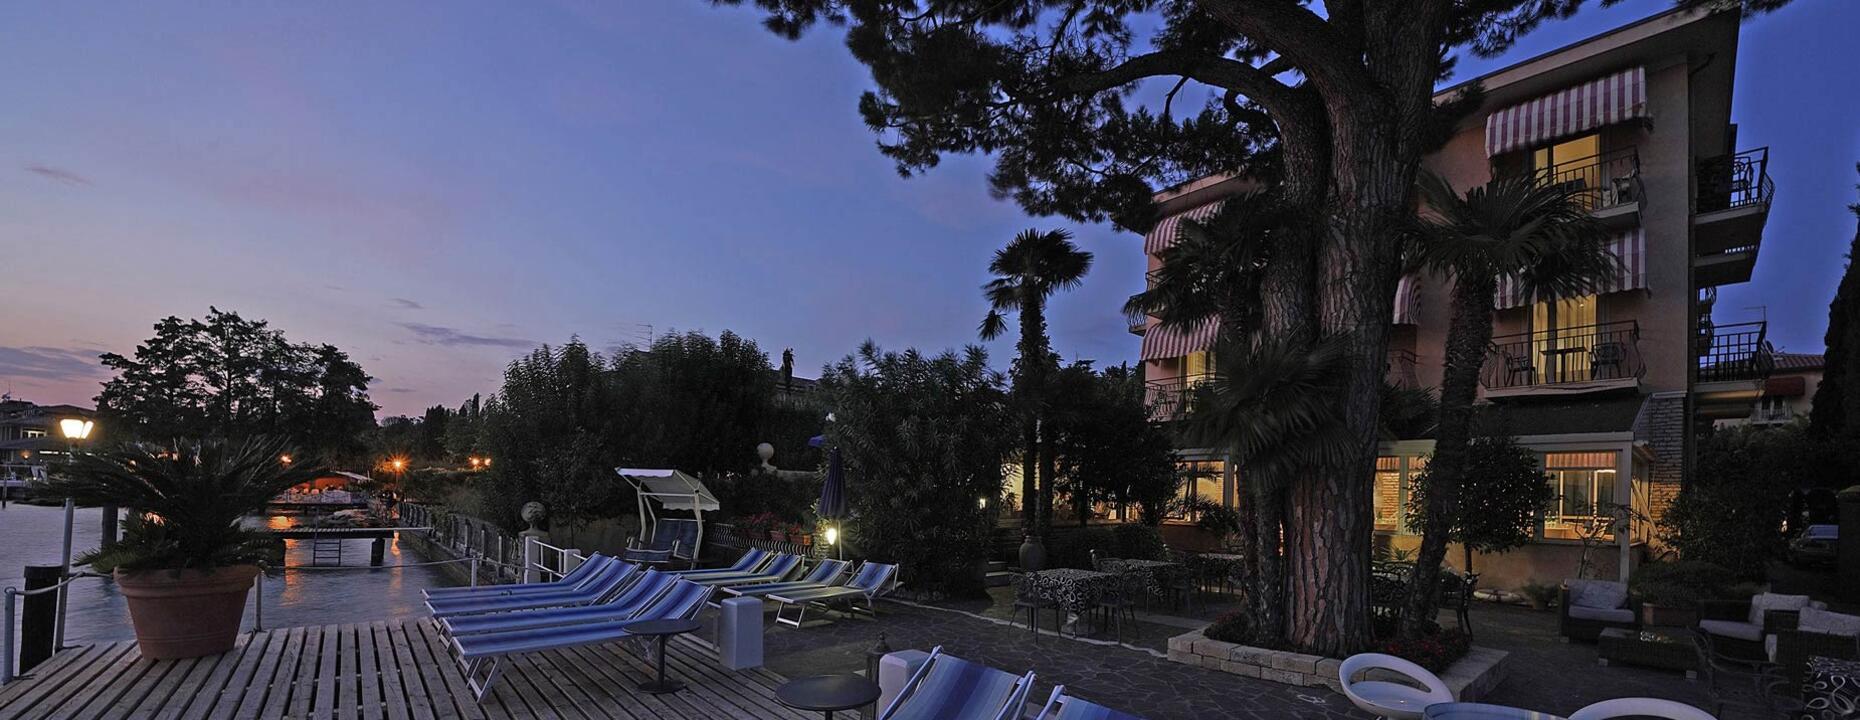 hotelmarconisirmione it info-servizi 004